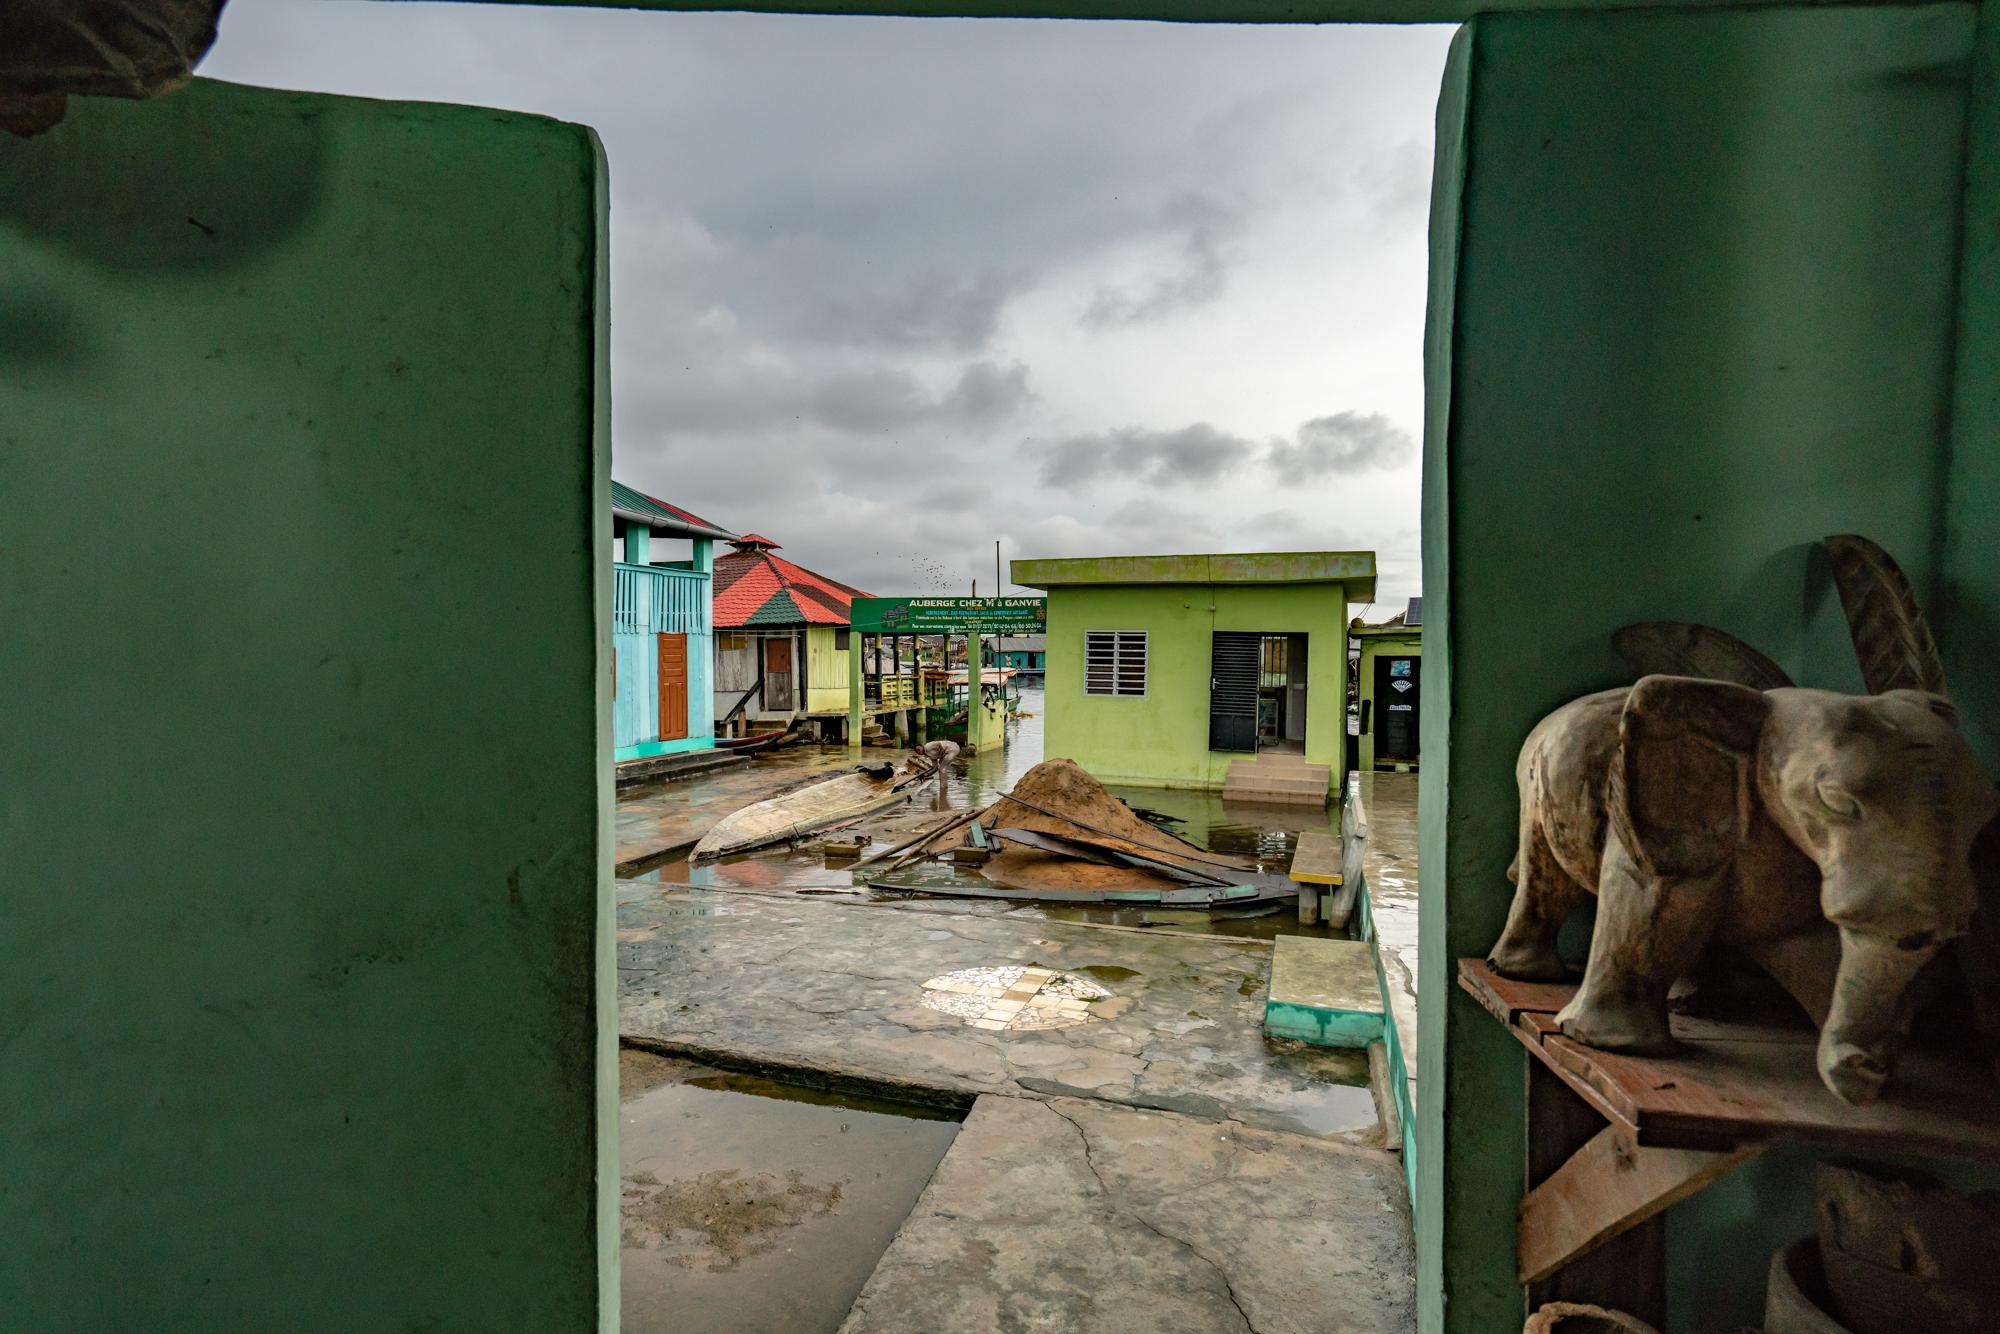 Benin_2000 sin título2018-09178 7952 x 5304.jpg